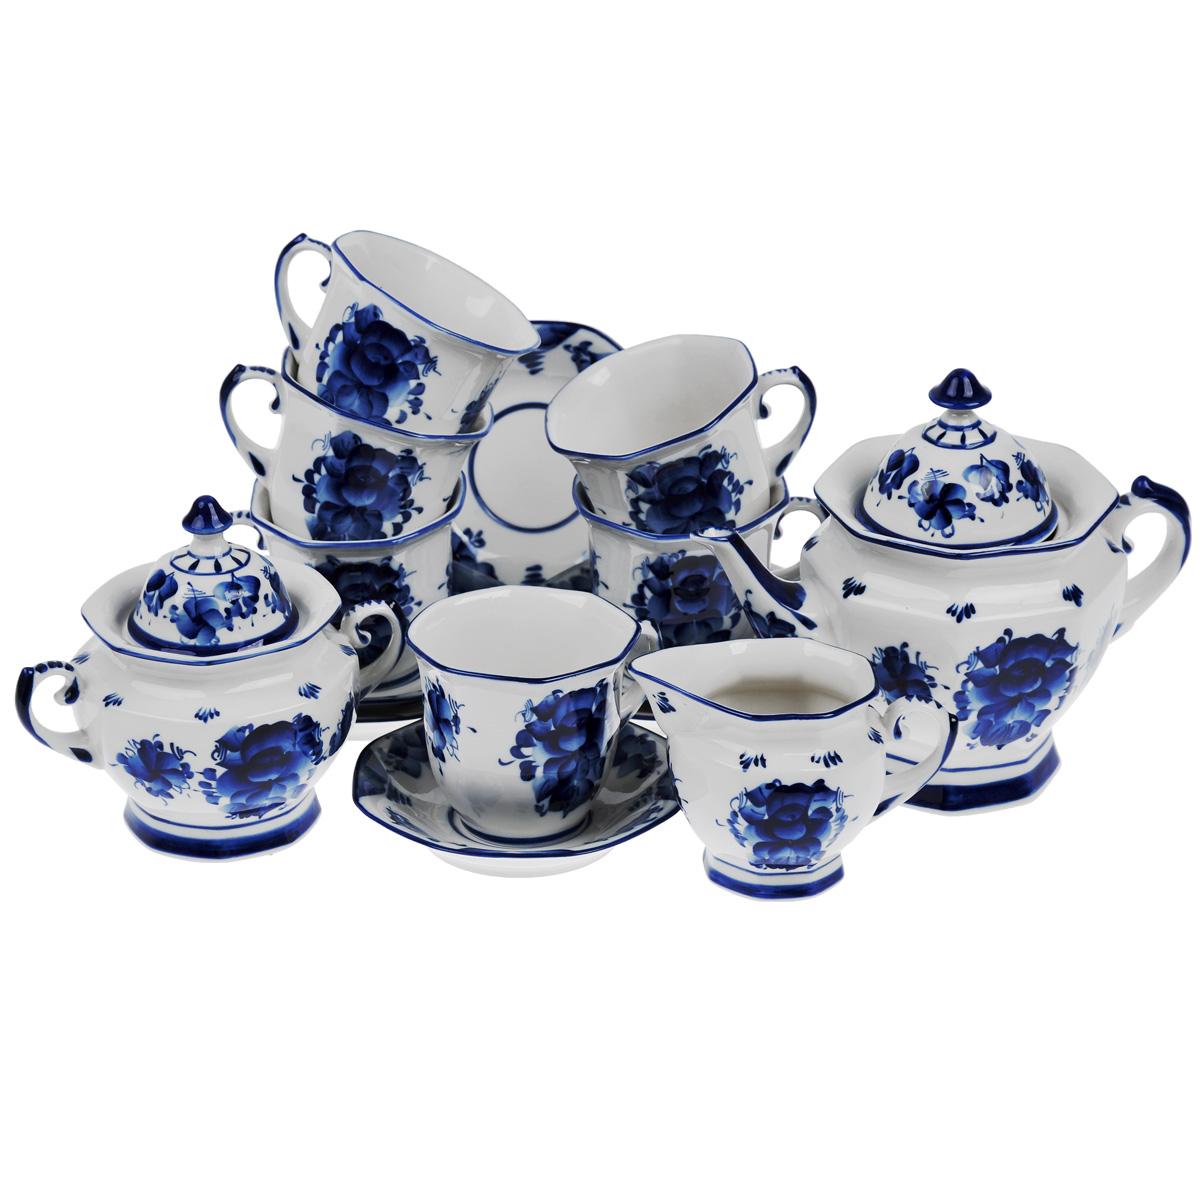 Сервиз чайный Граненый, цвет: белый, синий, 15 предметовVT-1520(SR)Сервиз чайный Граненый выполнен из керамики и состоит из шести чашек, шести блюдец, чайника, молочника и сахарницы. Предметы набора оформлены росписью в технике гжель.Изящный дизайн придется по вкусу и ценителям классики, и тем, кто предпочитает утонченность и изысканность. Он настроит на позитивный лад и подарит хорошее настроение с самого утра.Оригинальный дизайн сервиза позволит украсить любую кухню, внеся разнообразие как в строгий классический стиль, так и в современный кухонный интерьер.Количество чашек: 6 шт. Диаметр чашек по верхнему краю: 10 см.Высота чашек: 9 см.Объем чашек: 300 мл. Количество блюдец: 6 шт.Диаметр блюдец: 14,5 см.Высота блюдец: 3 см.Высота сахарницы (с учетом крышки): 17,5 см.Диаметр сахарницы по верхнему краю: 11 см. Высота чайника (с учетом крышки): 21 см.Диаметр чайника по верхнему краю: 12,5 см. Объем чайника: 900 мл. Высота молочника (с учетом носика): 9,5 см. Объем молочника: 300 мл. Диаметр дна молочника: 6 см.